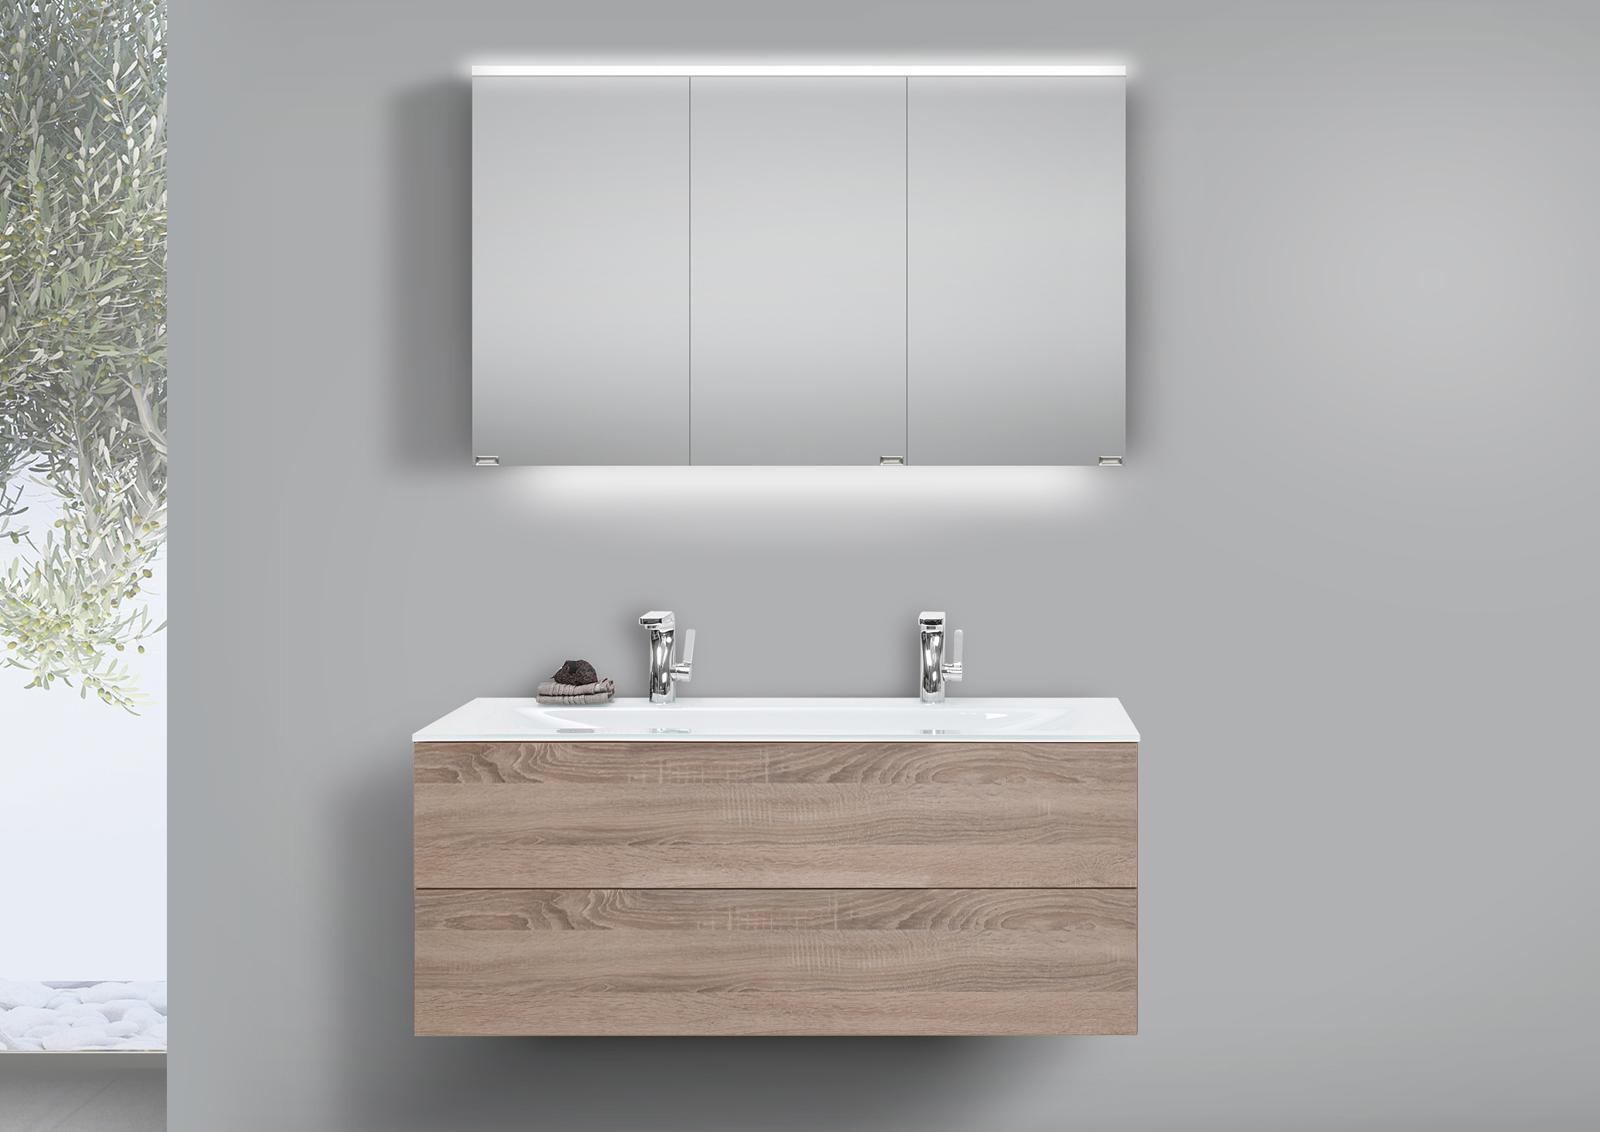 glas doppelwaschtisch 120 cm badm bel grifflos mit unterschrank und led spiegelschrank. Black Bedroom Furniture Sets. Home Design Ideas